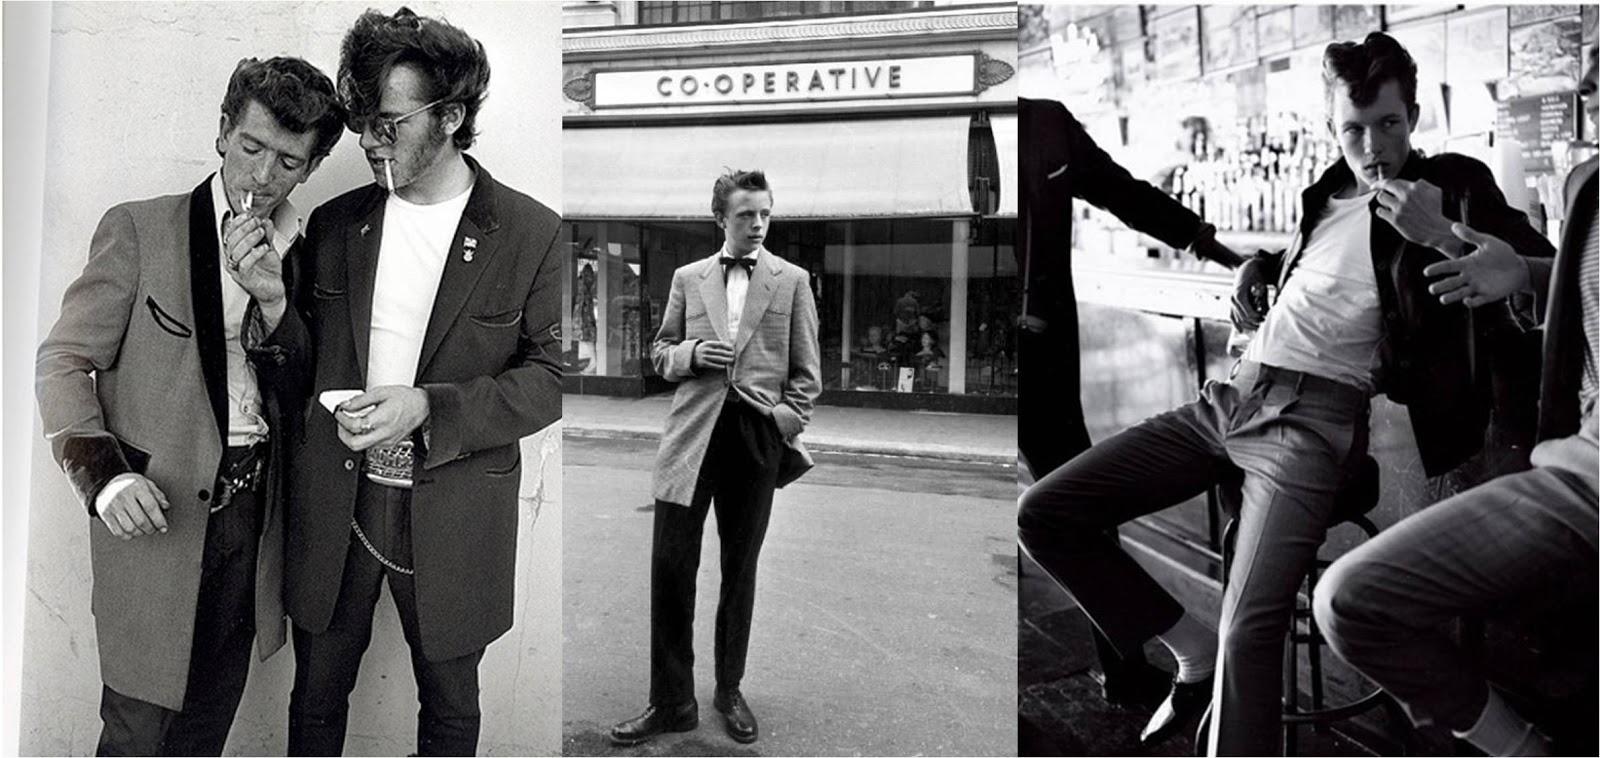 3bc3a12b9522e Creeper, casaco e gravata fazem parte desse estilo. Atualmente, os garotas  da banda de indie rock do Reino Unido Artic Monkeys tem se inspirado  bastante ...